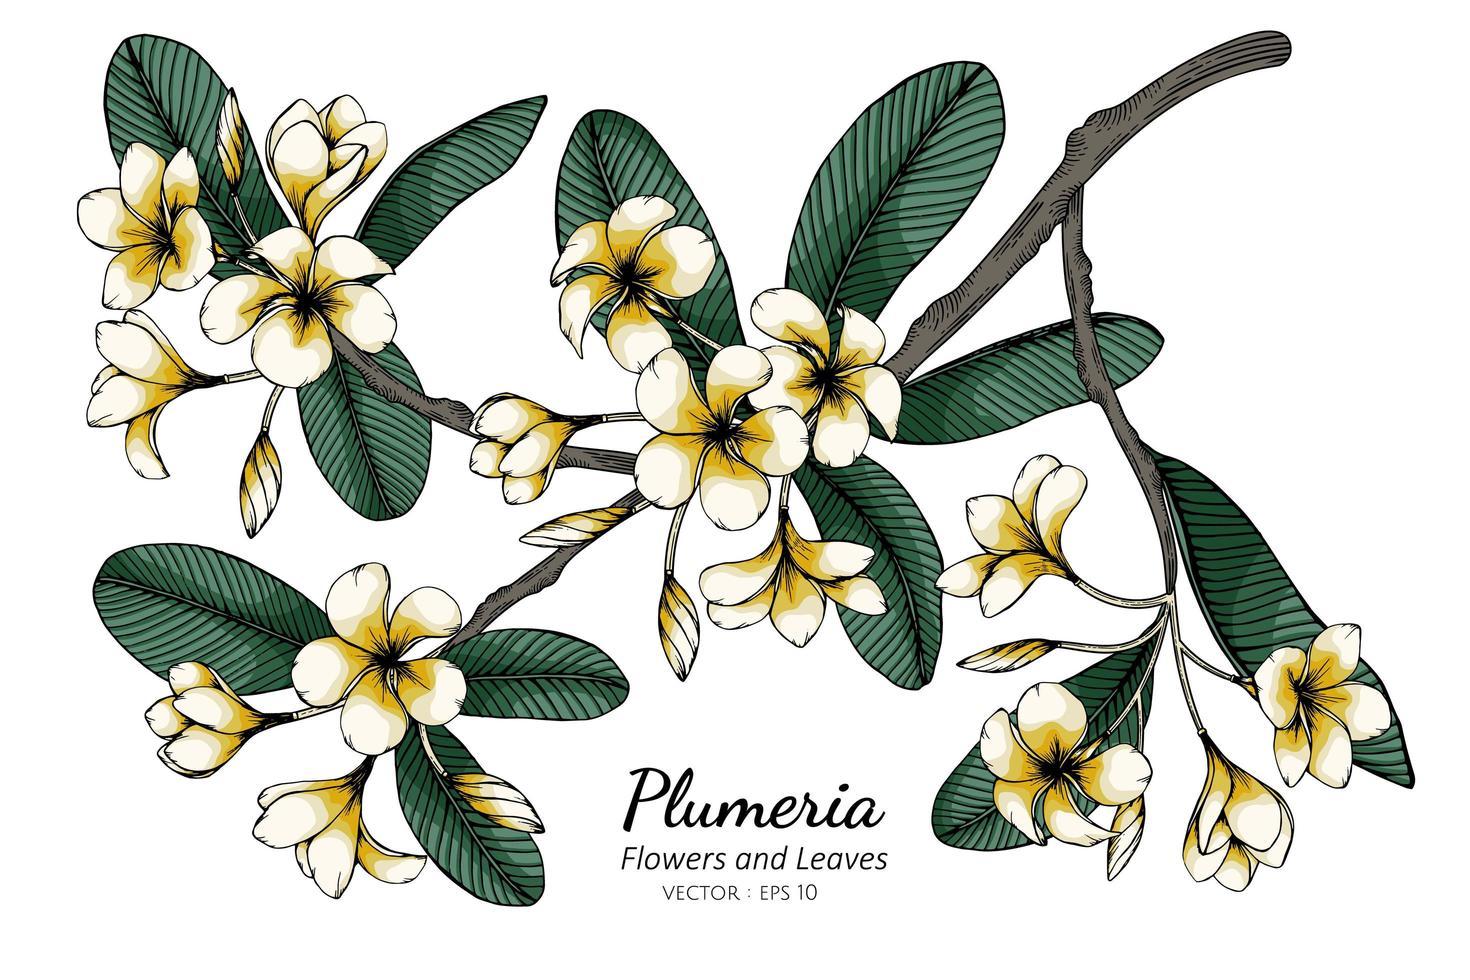 feuilles et fleurs de plumeria vecteur